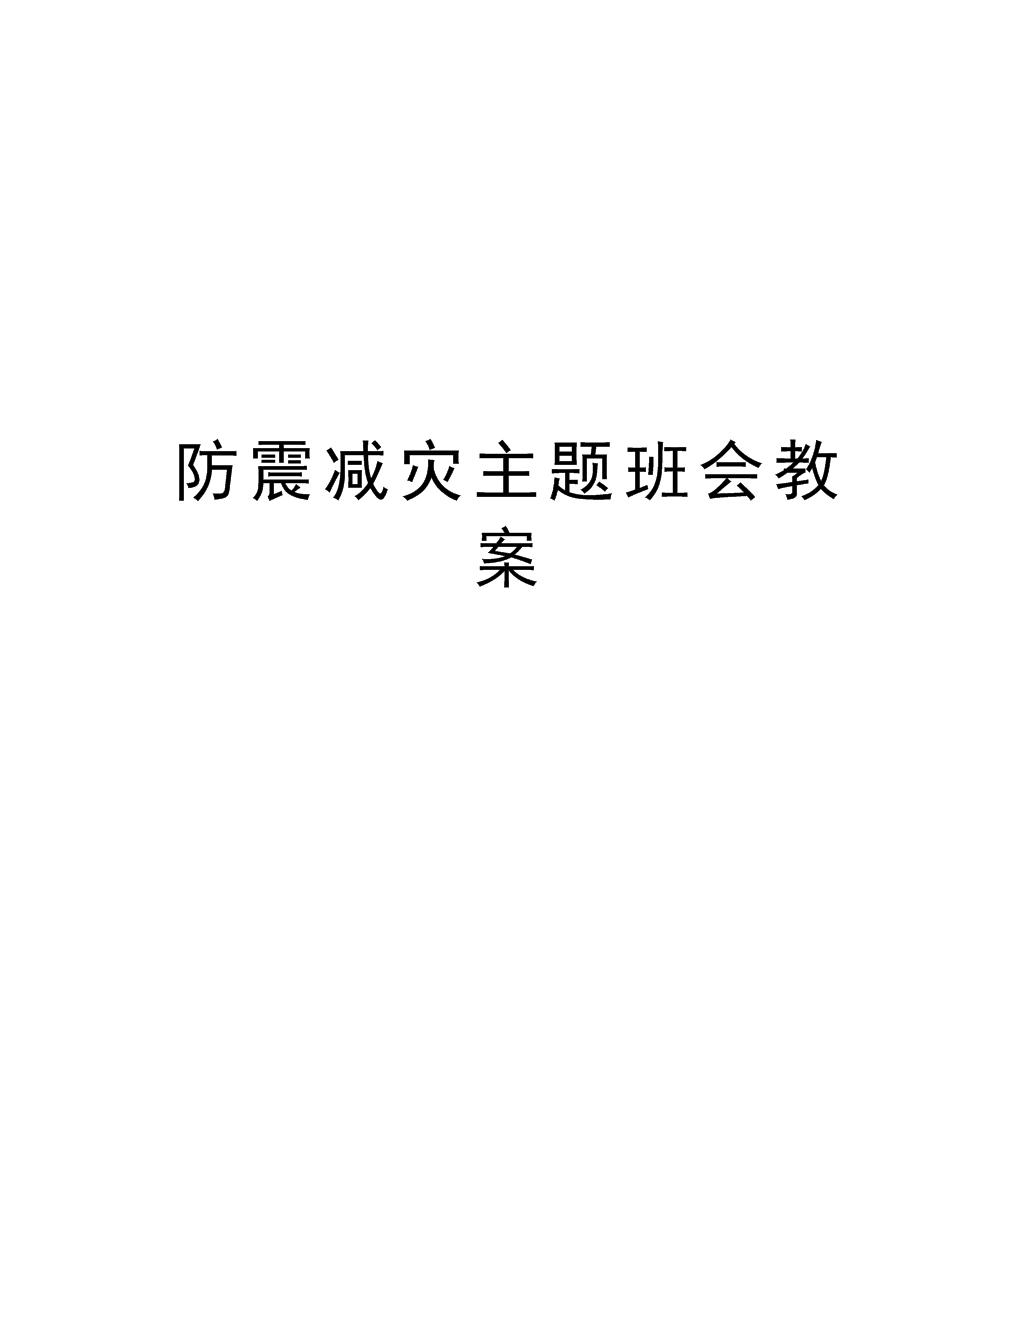 防震減災主題班會教案講課講稿.doc